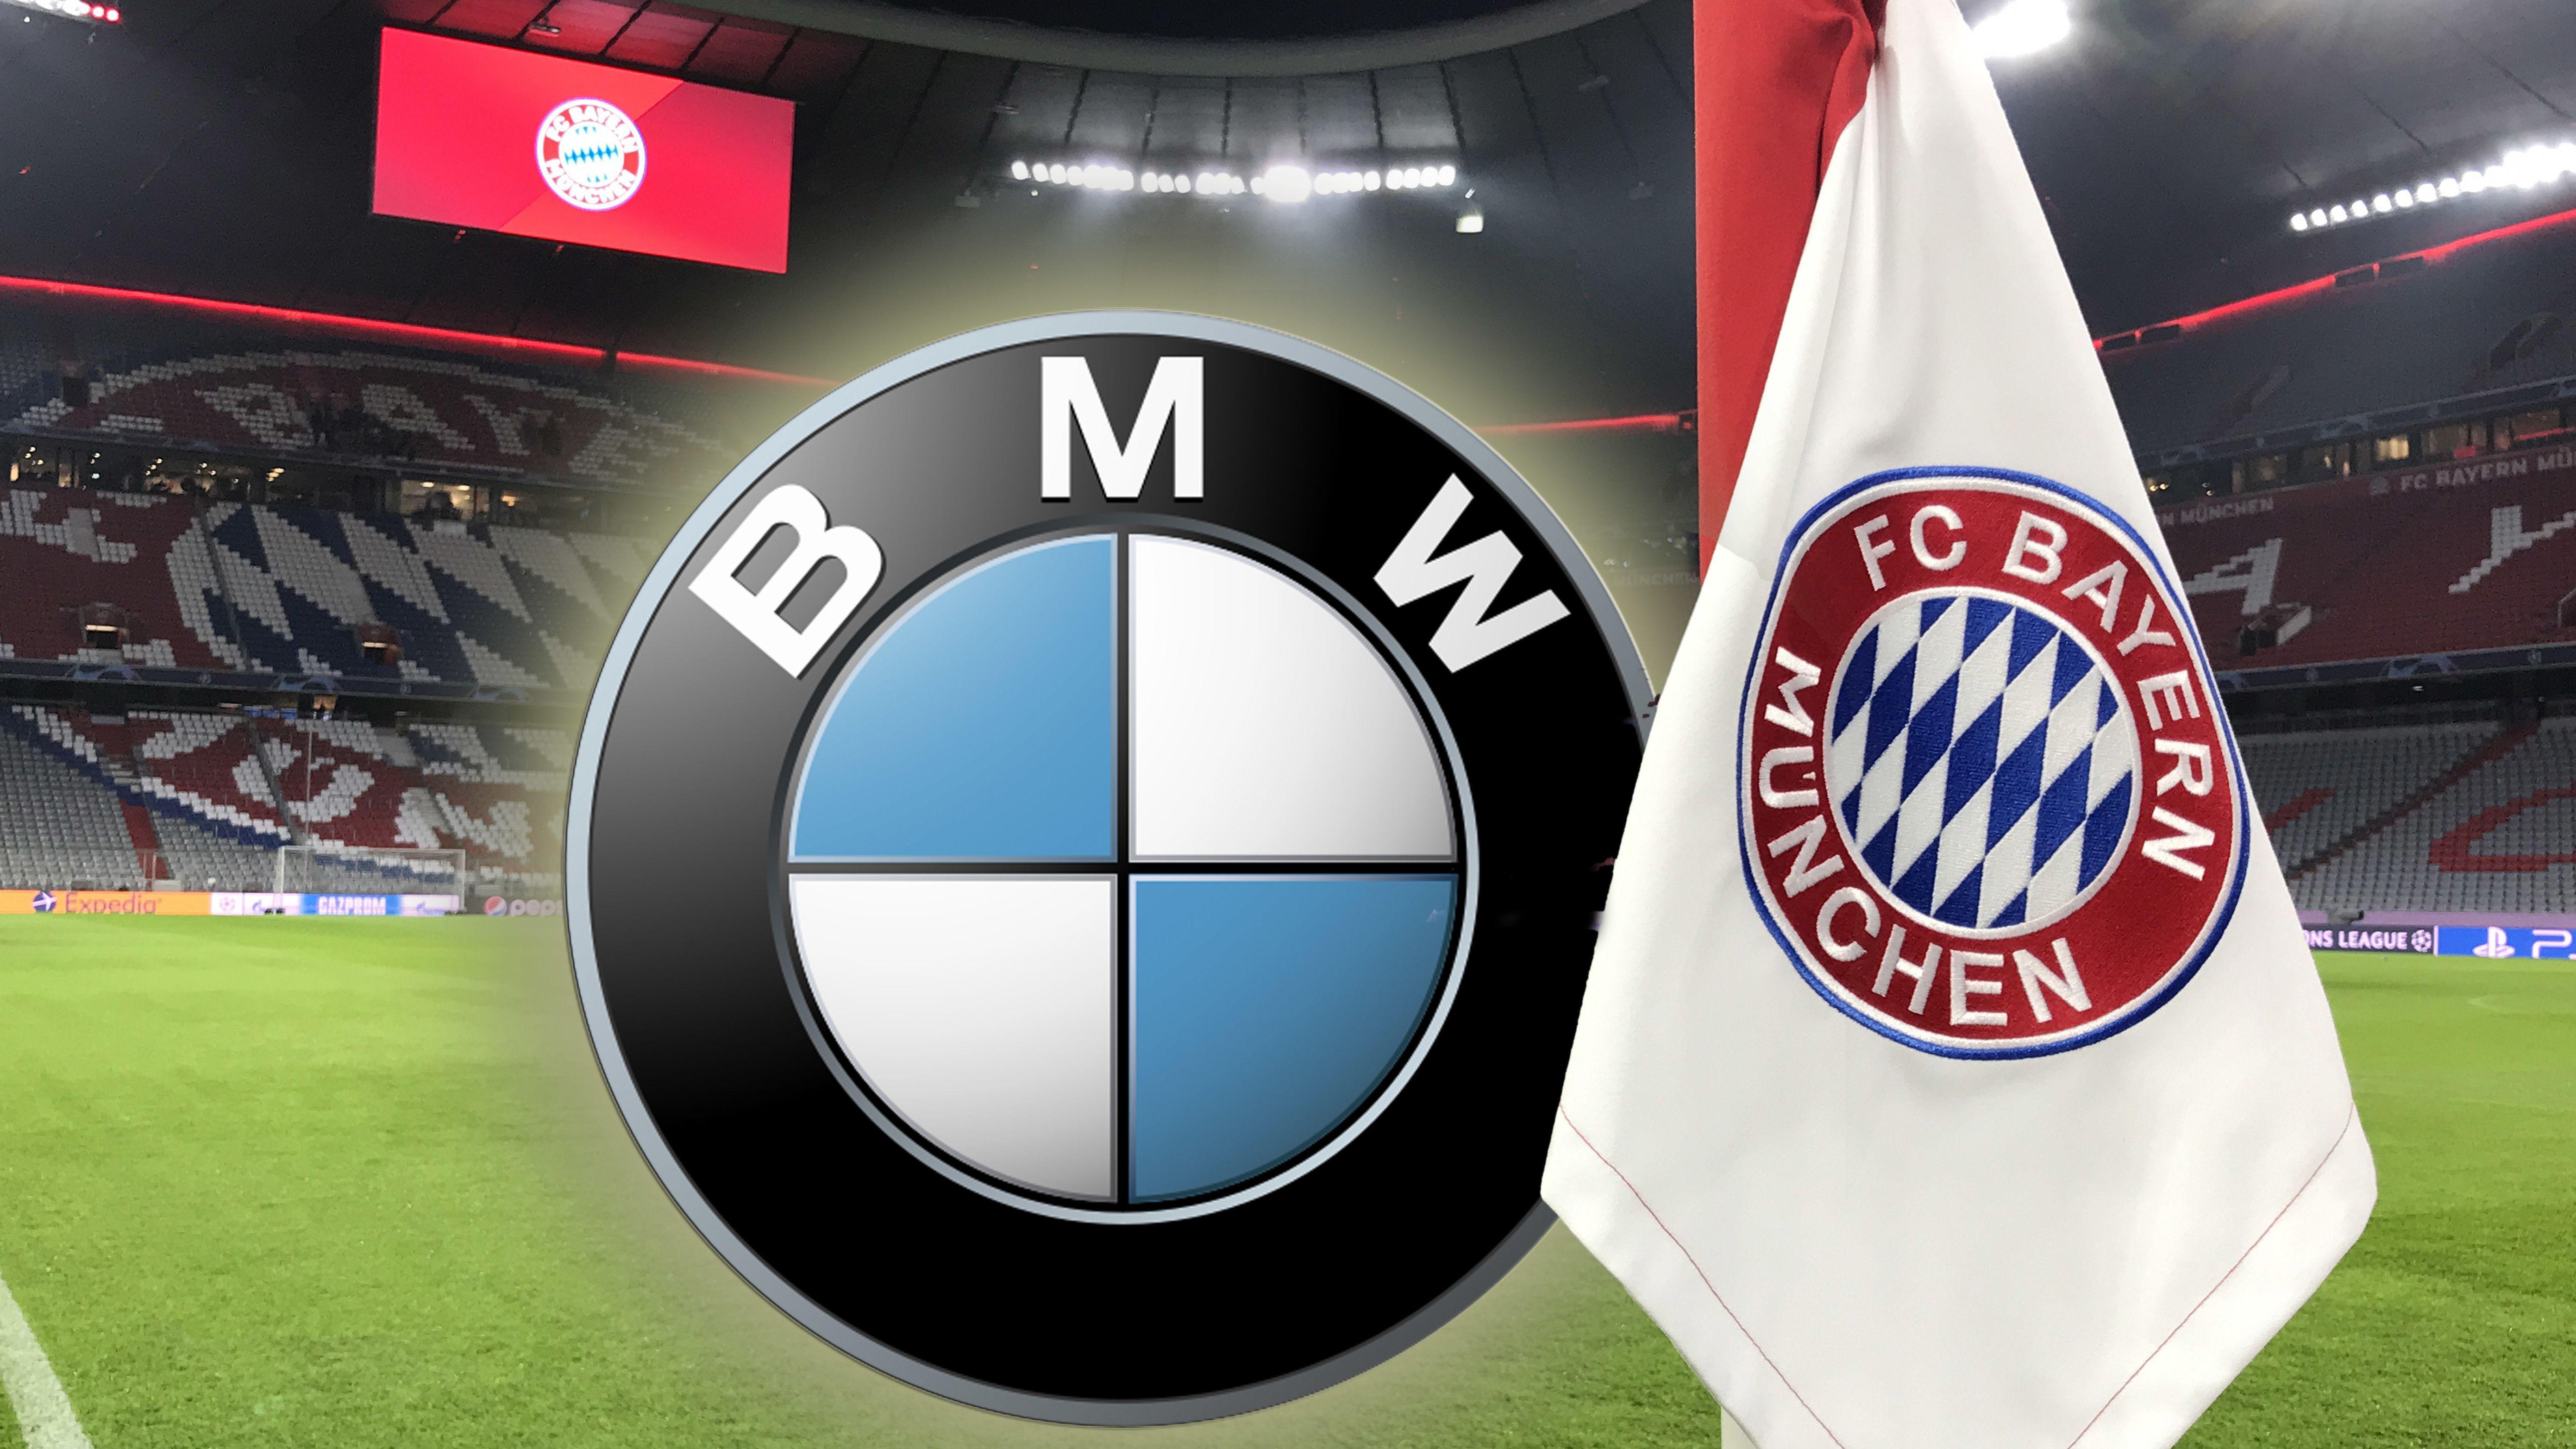 Per Foto-Montage eingefügtes BMW-Logo an einer Eckfahne mit FC-Bayern-Logo in der Allianz-Arena.